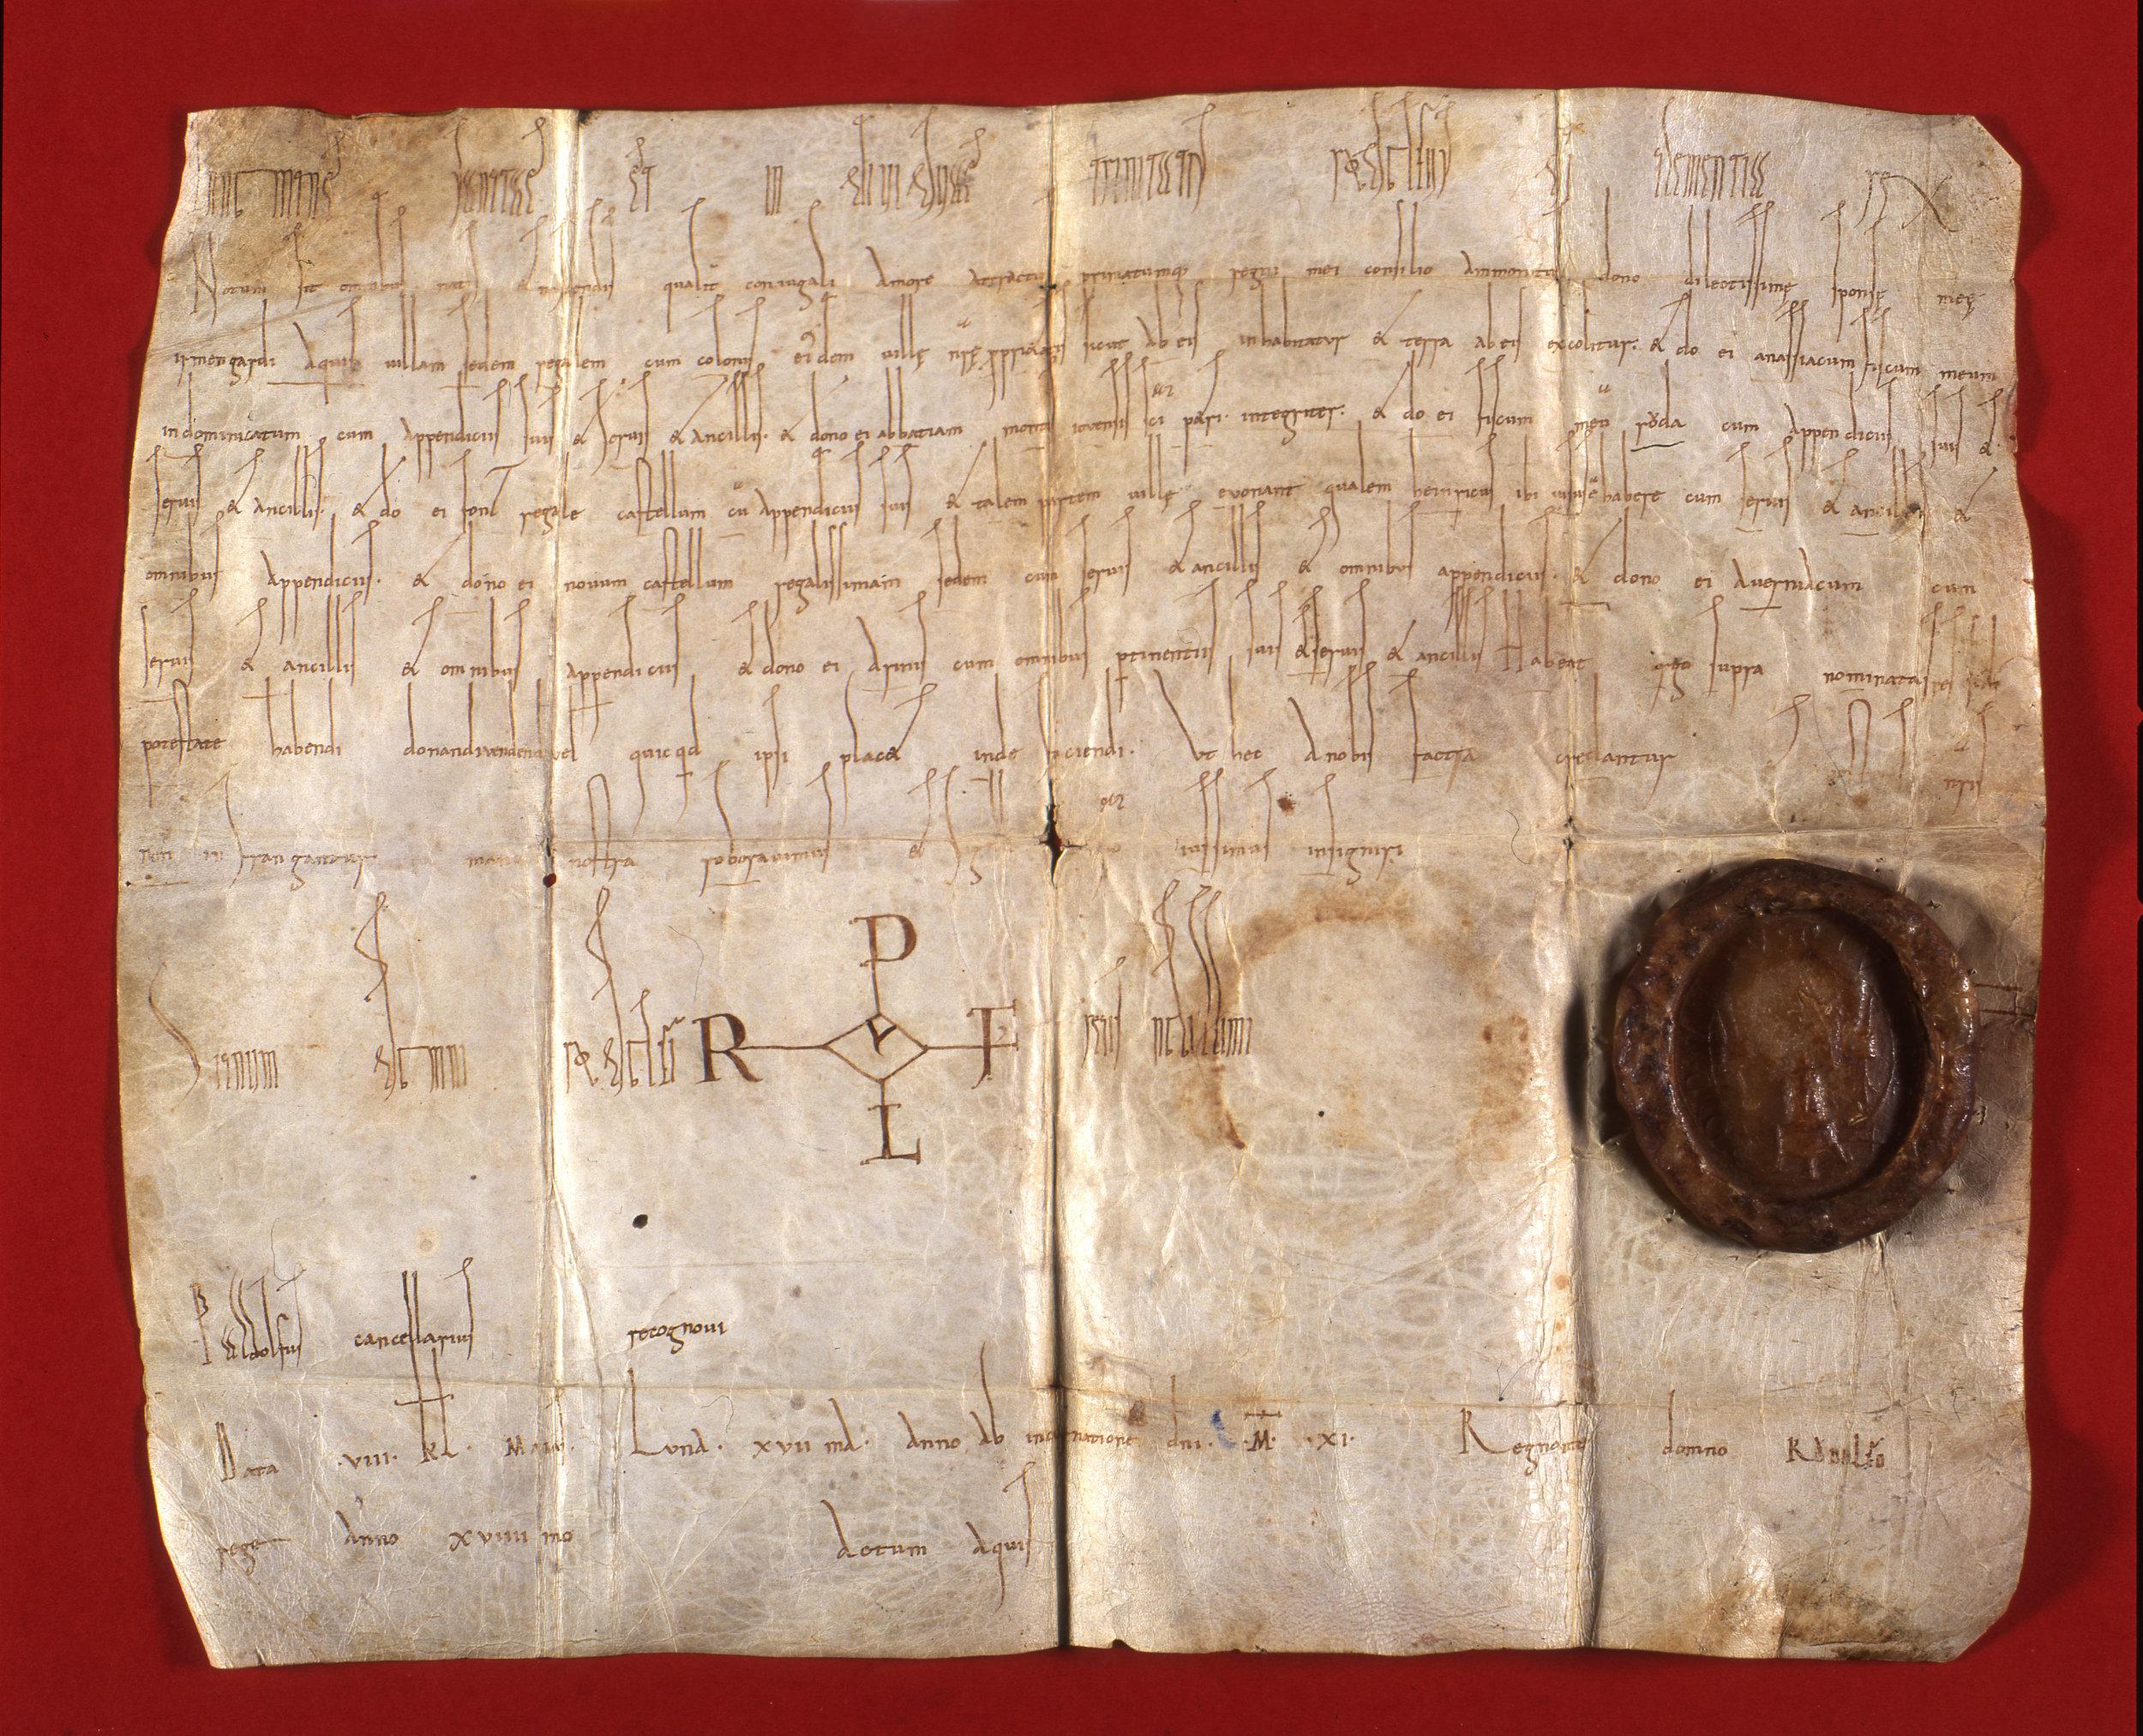 Acte de donation de Rodolphe III, roi de Bourgogne, à son épouse Irmengarde, 1011